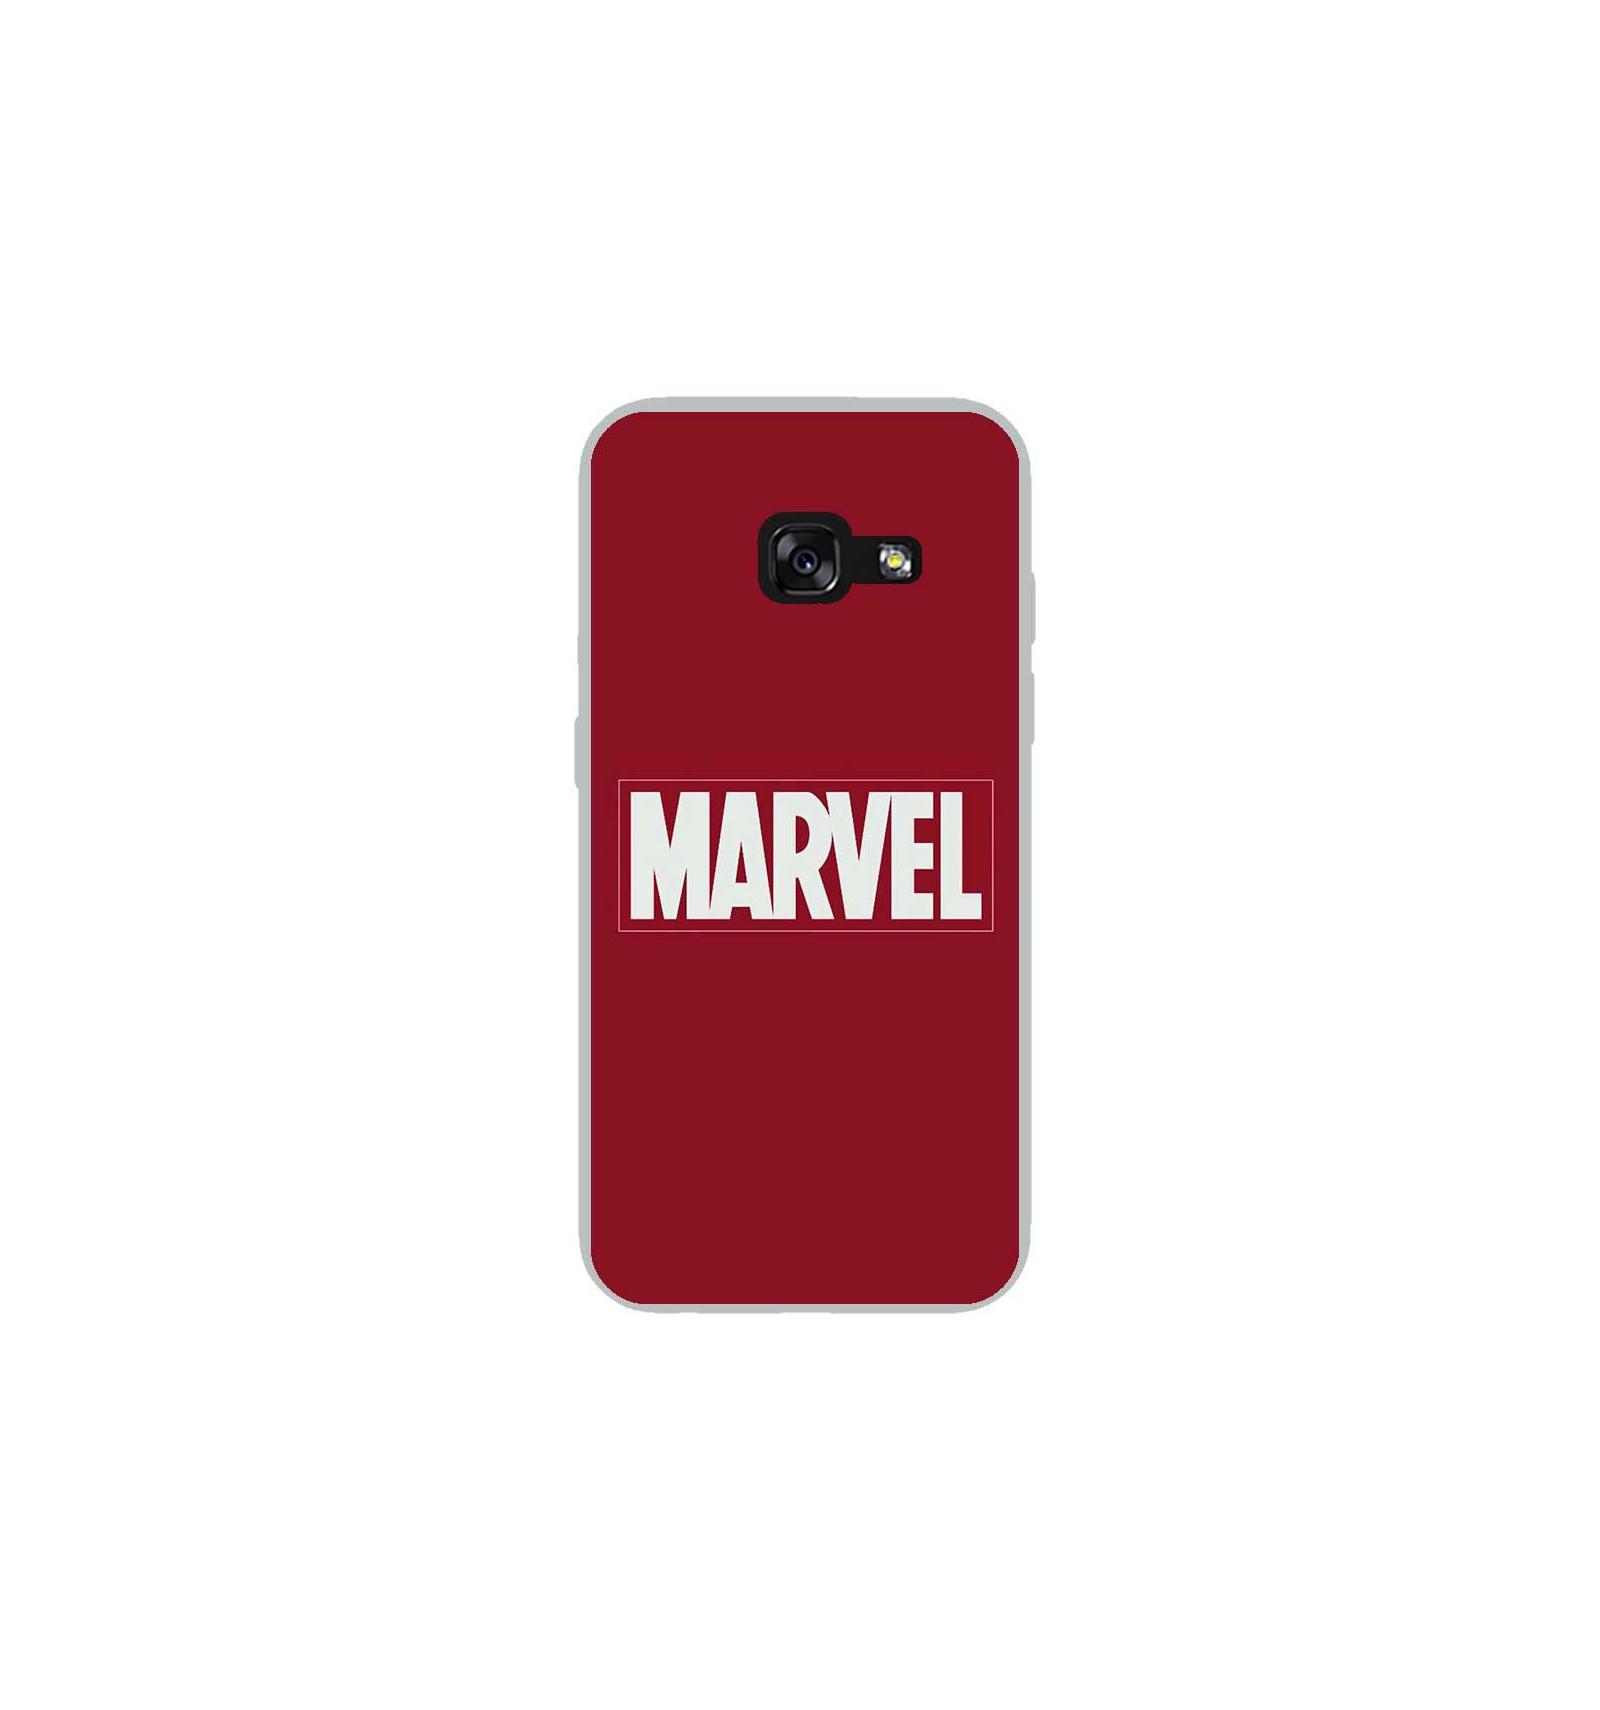 585d199ad64252 Coque en silicone Samsung Galaxy A3 2017 - Marvel